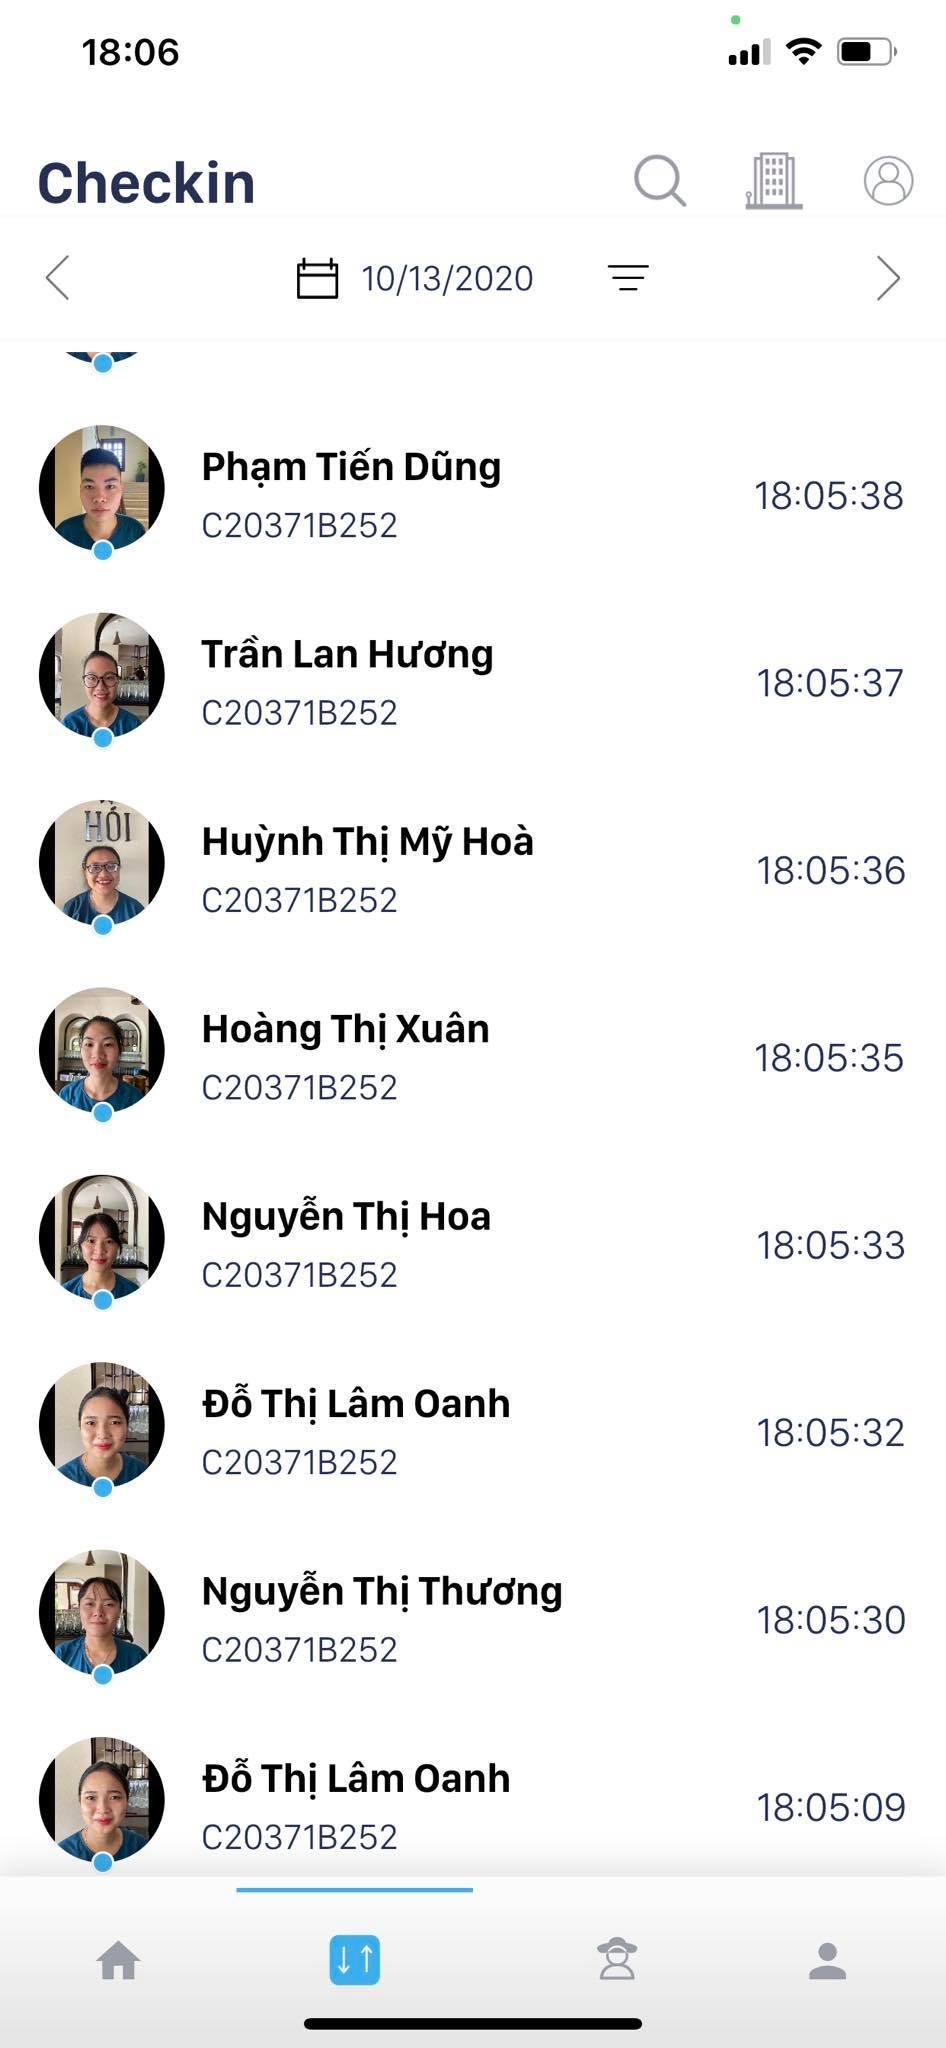 thông tin chấm công trên điện thoại